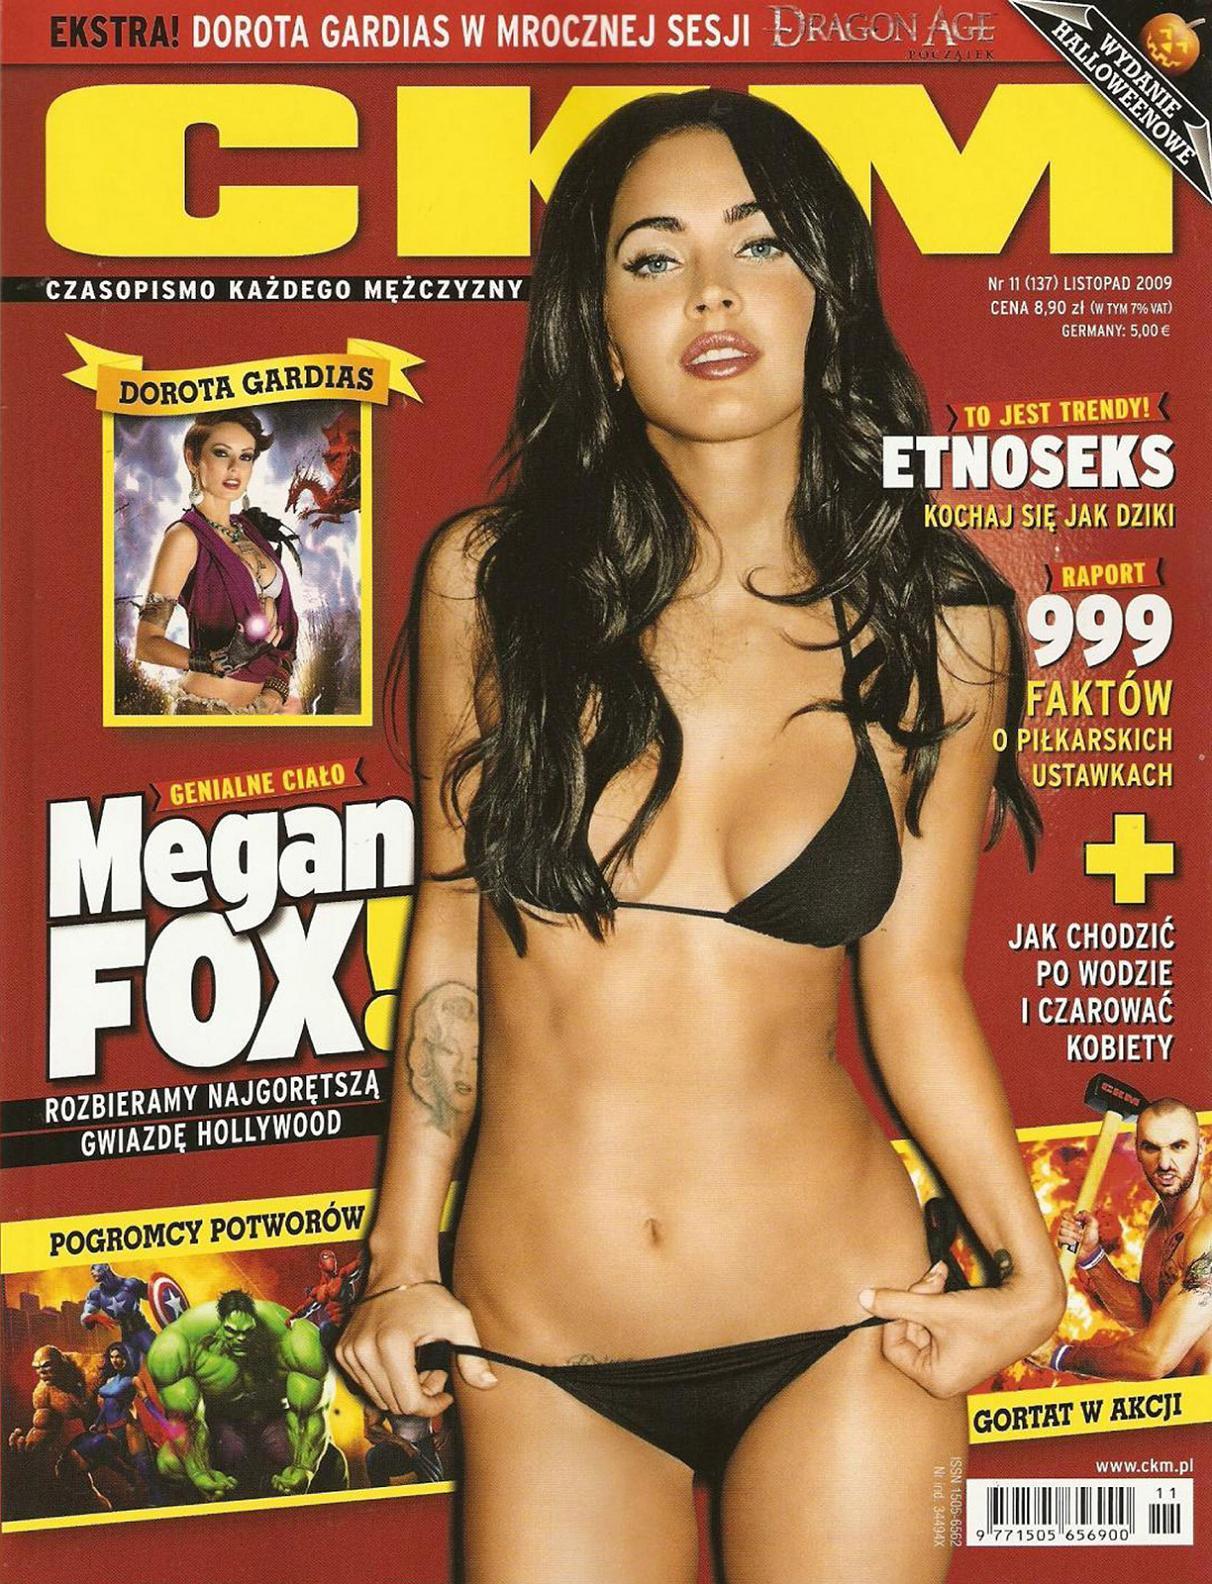 http://4.bp.blogspot.com/_UgOifcMwVsM/S7zIgRpMvnI/AAAAAAAAALg/J6v1-lCvt0U/s1600/92437_megan_fox_CKM_magazine.jpg